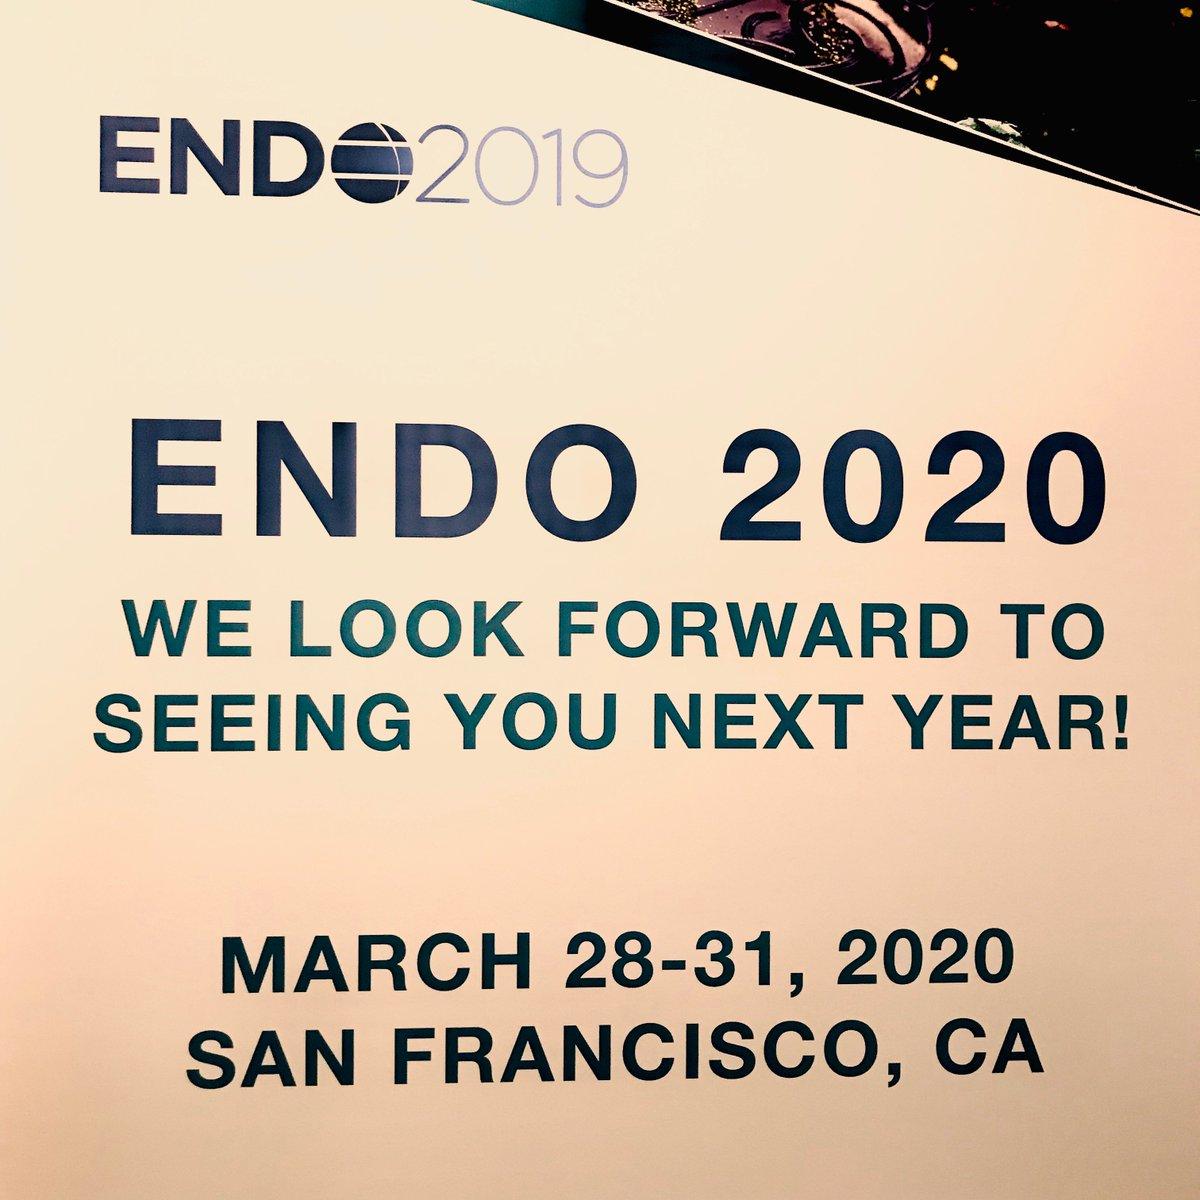 endo2020 hashtag on Twitter